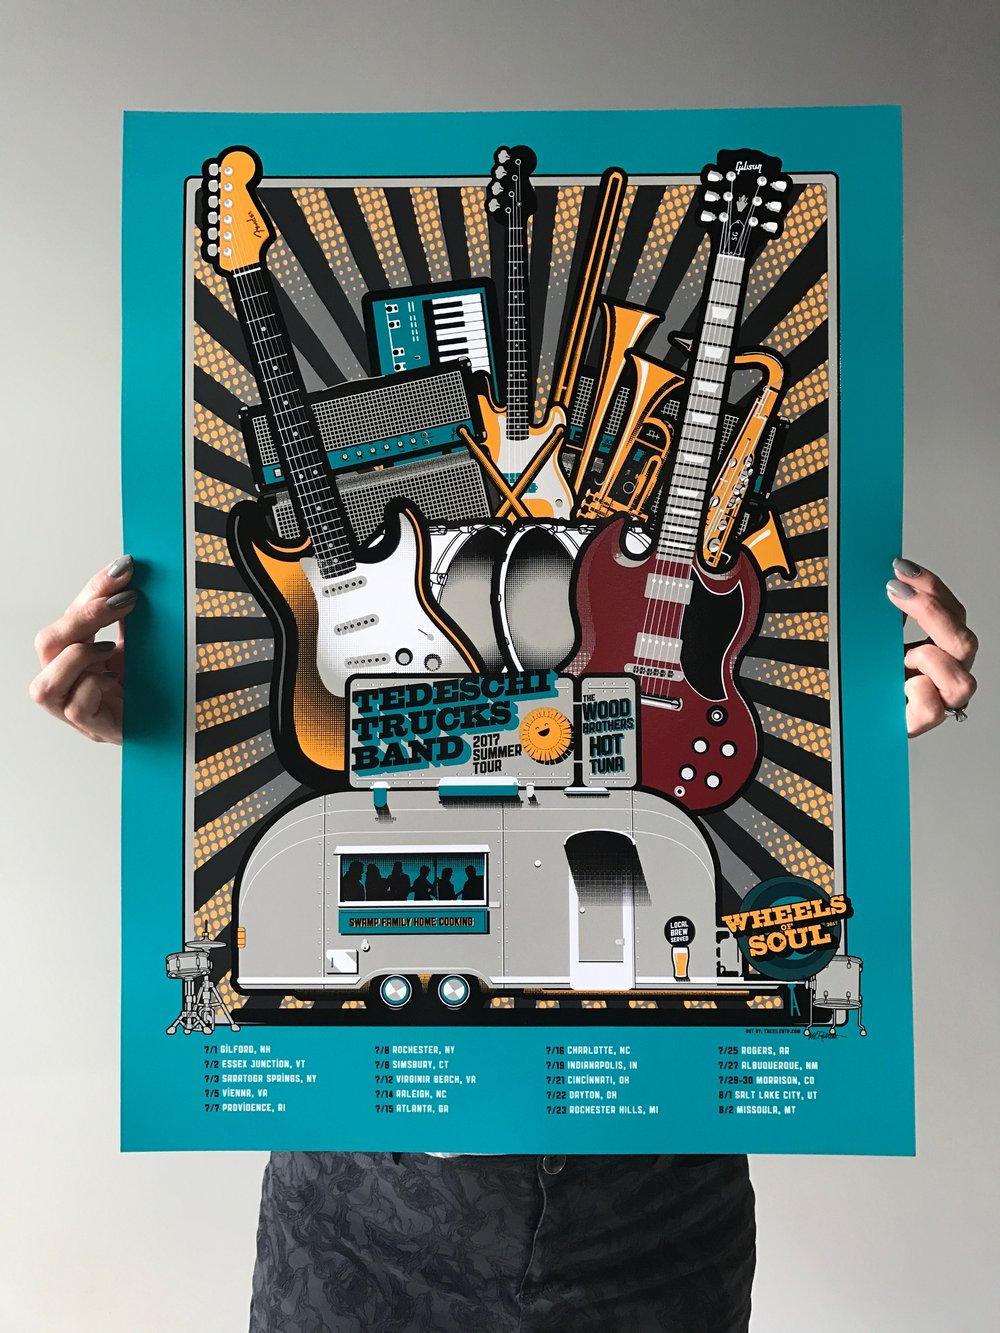 Tedeschi Trucks Band, Wheels of Soul 2017 Tour Poster